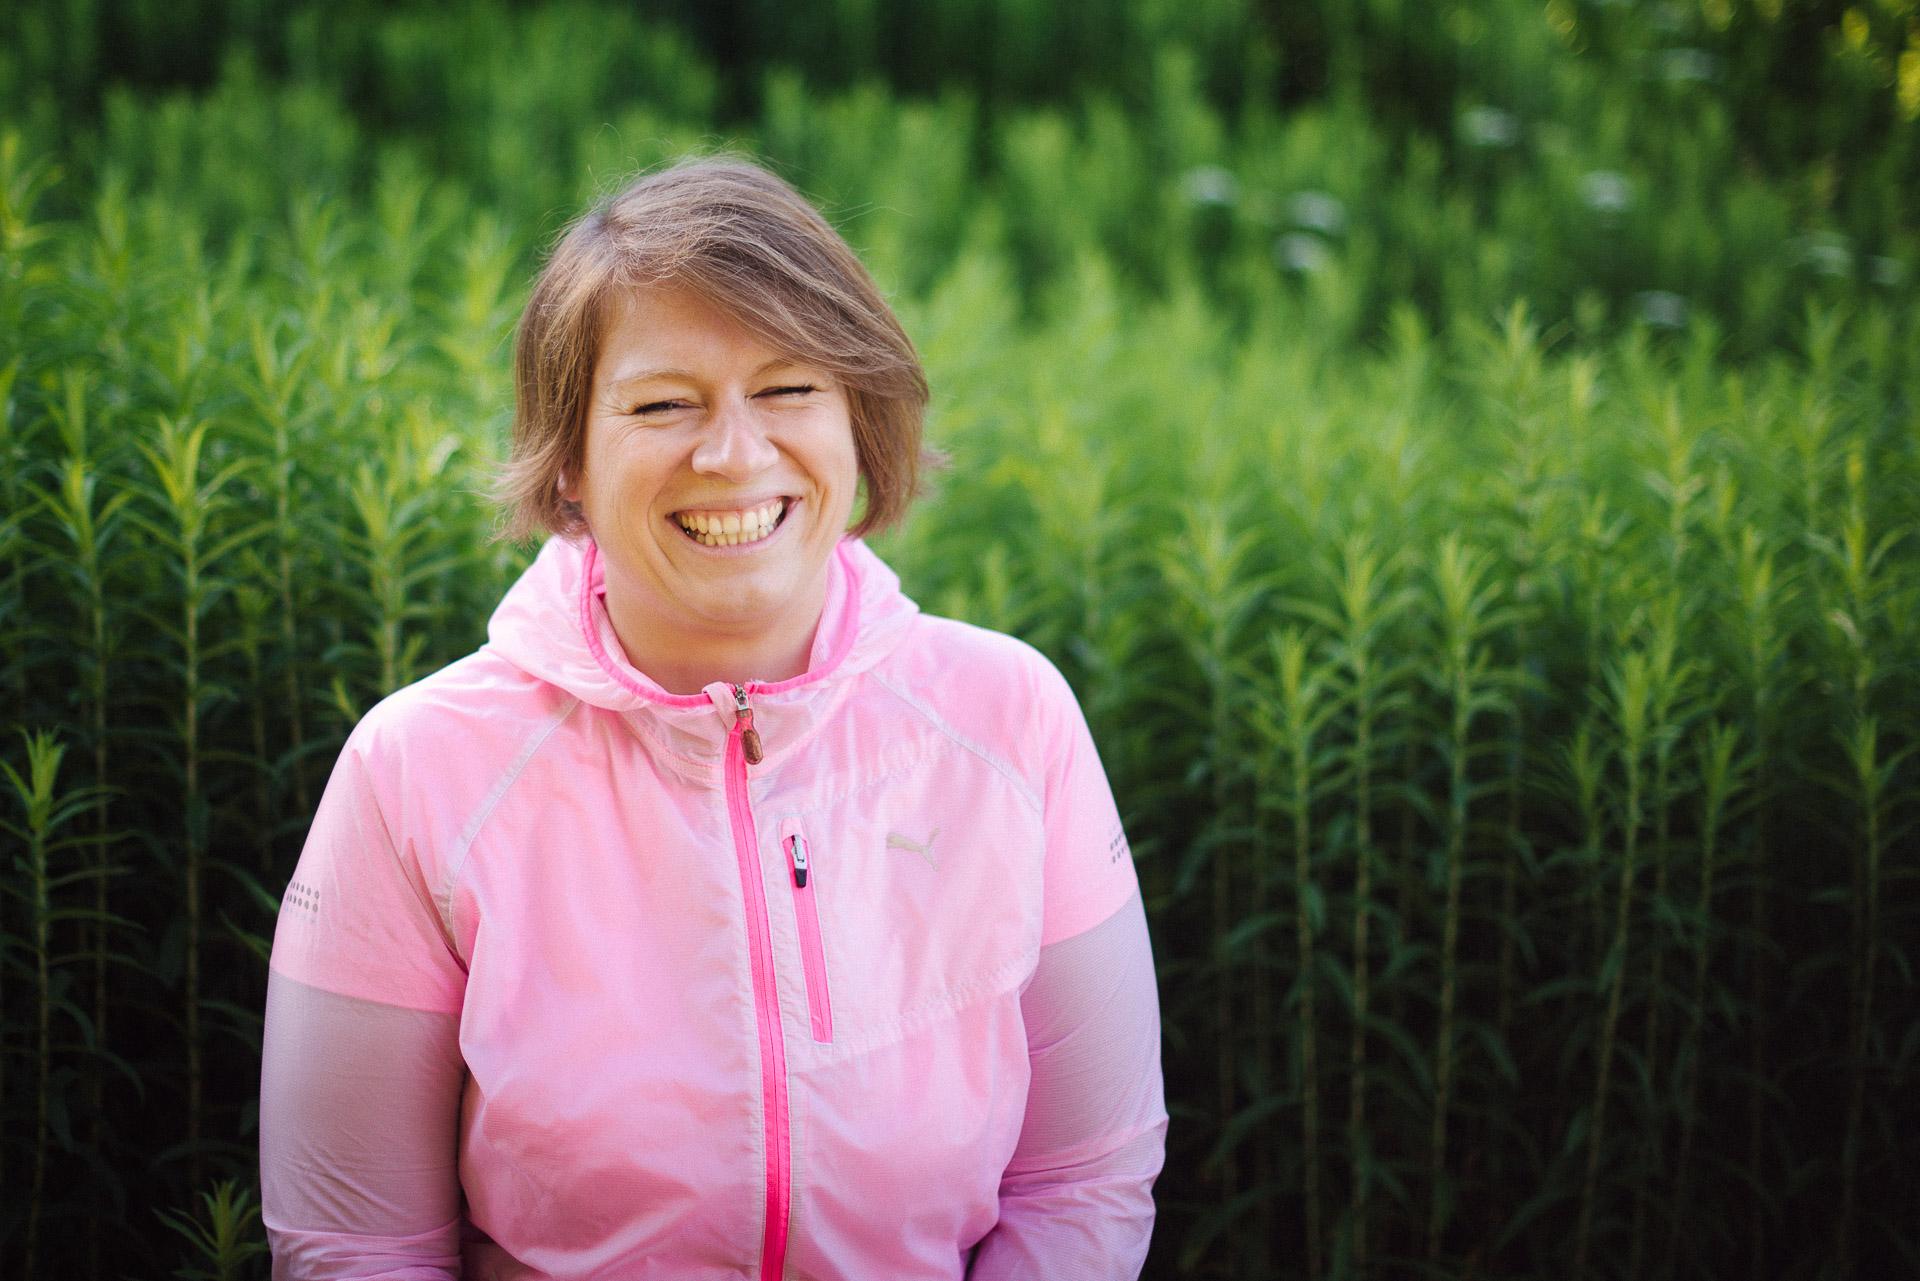 Mandy Jochmann